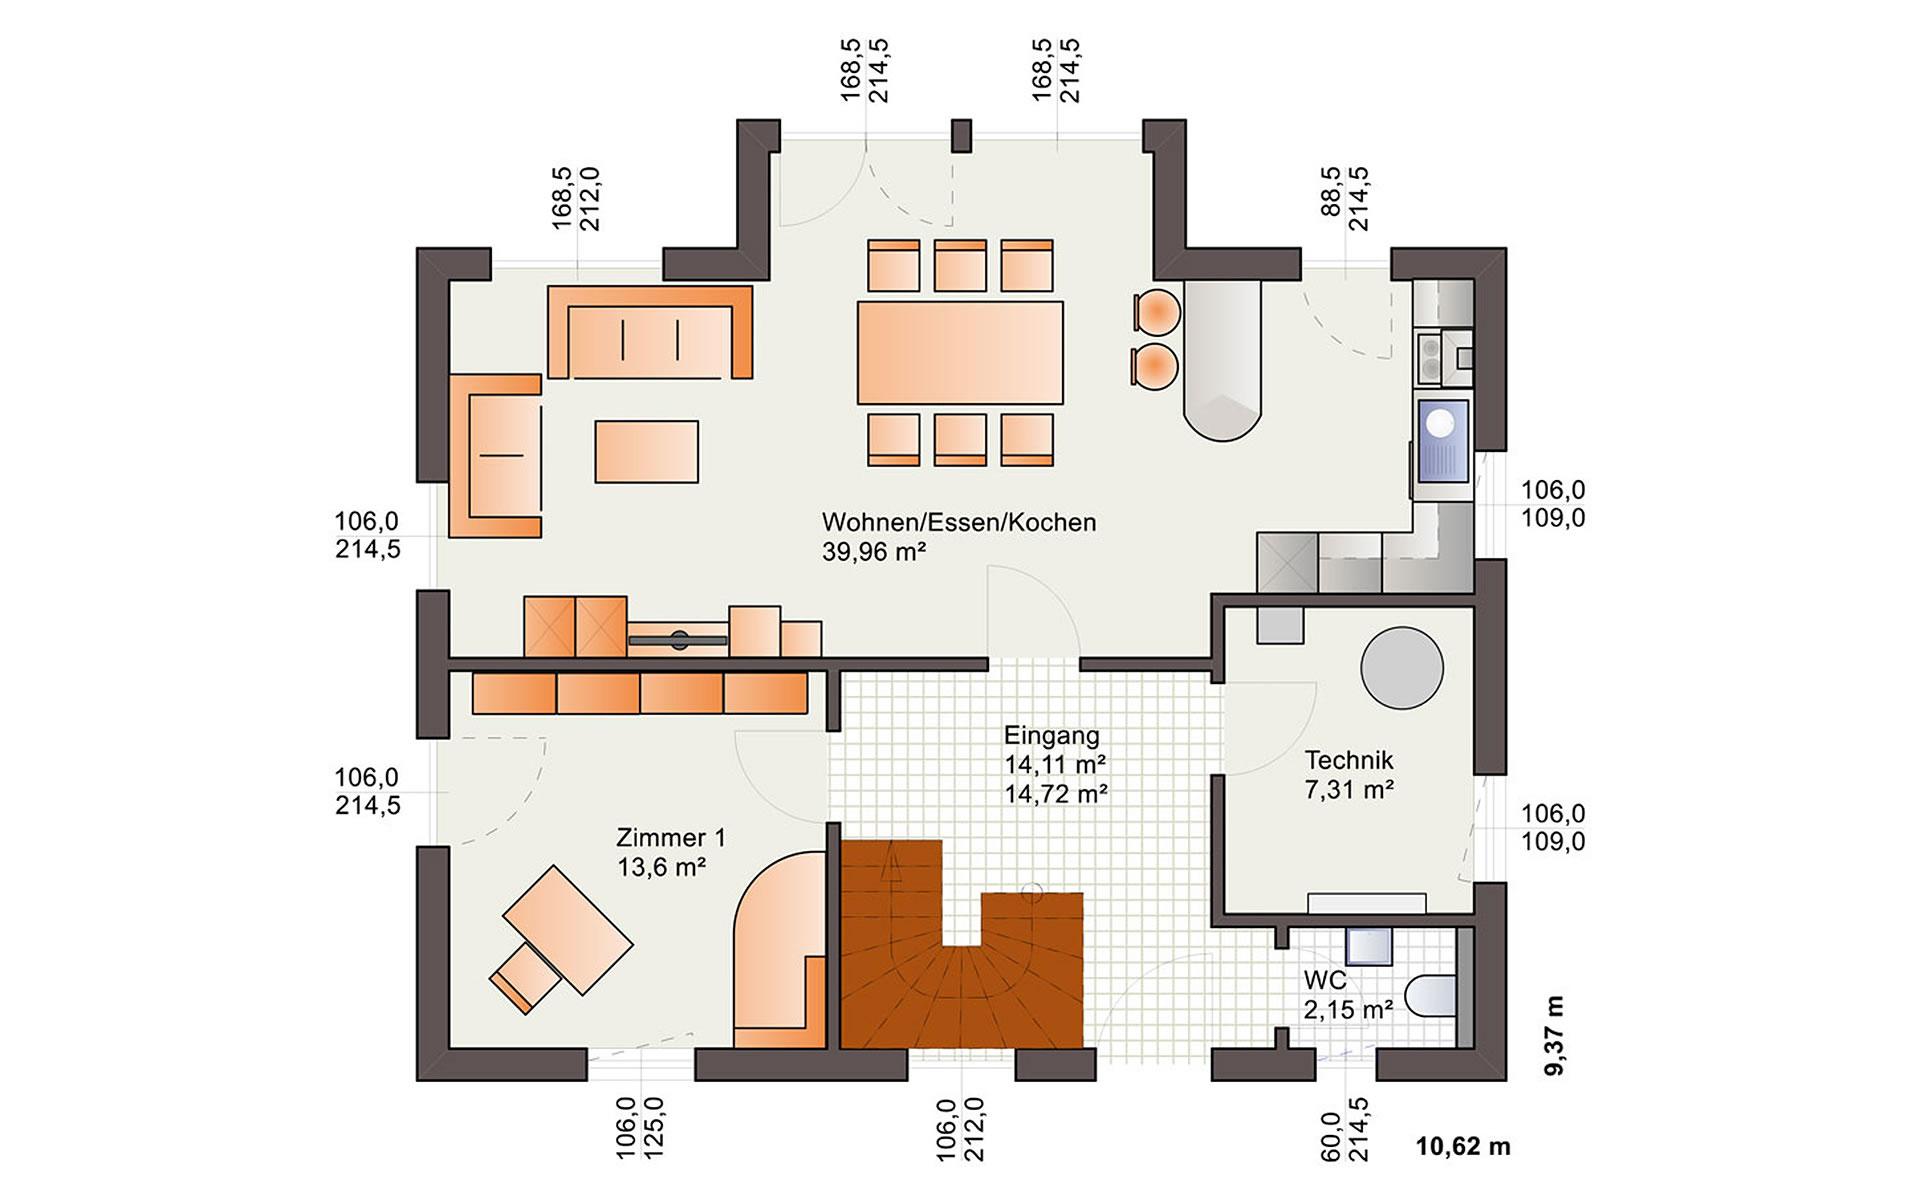 Erdgeschoss Esprit 149 von Bärenhaus - das fertige Haus GmbH